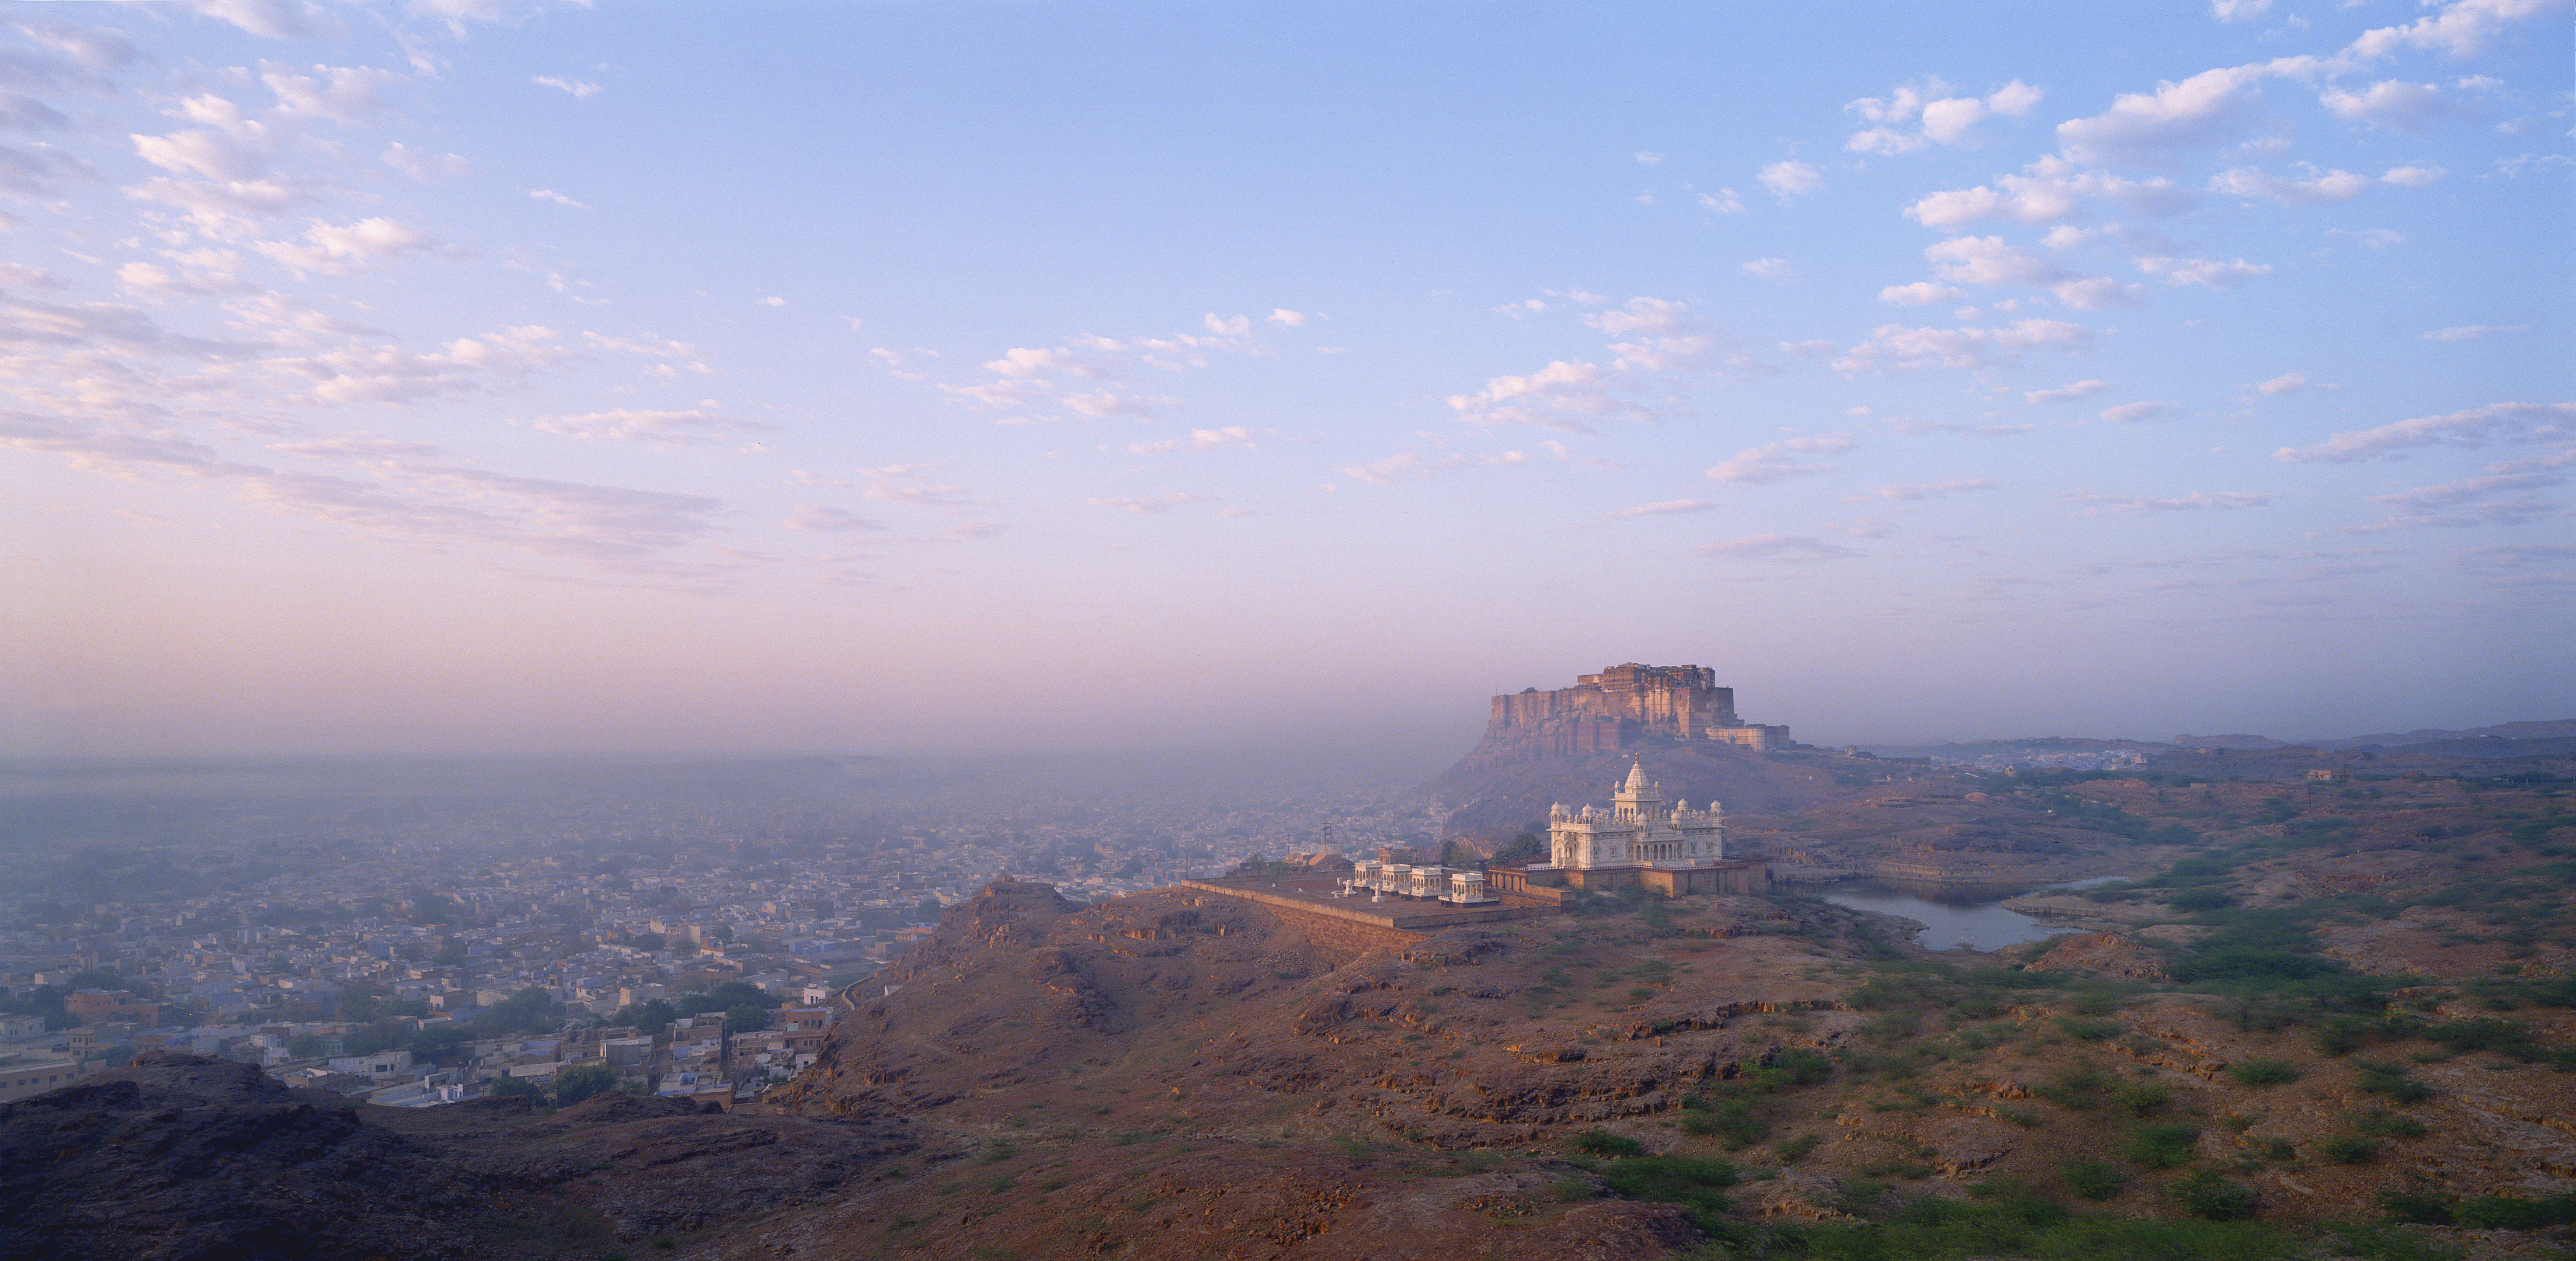 Meherangarh Fort